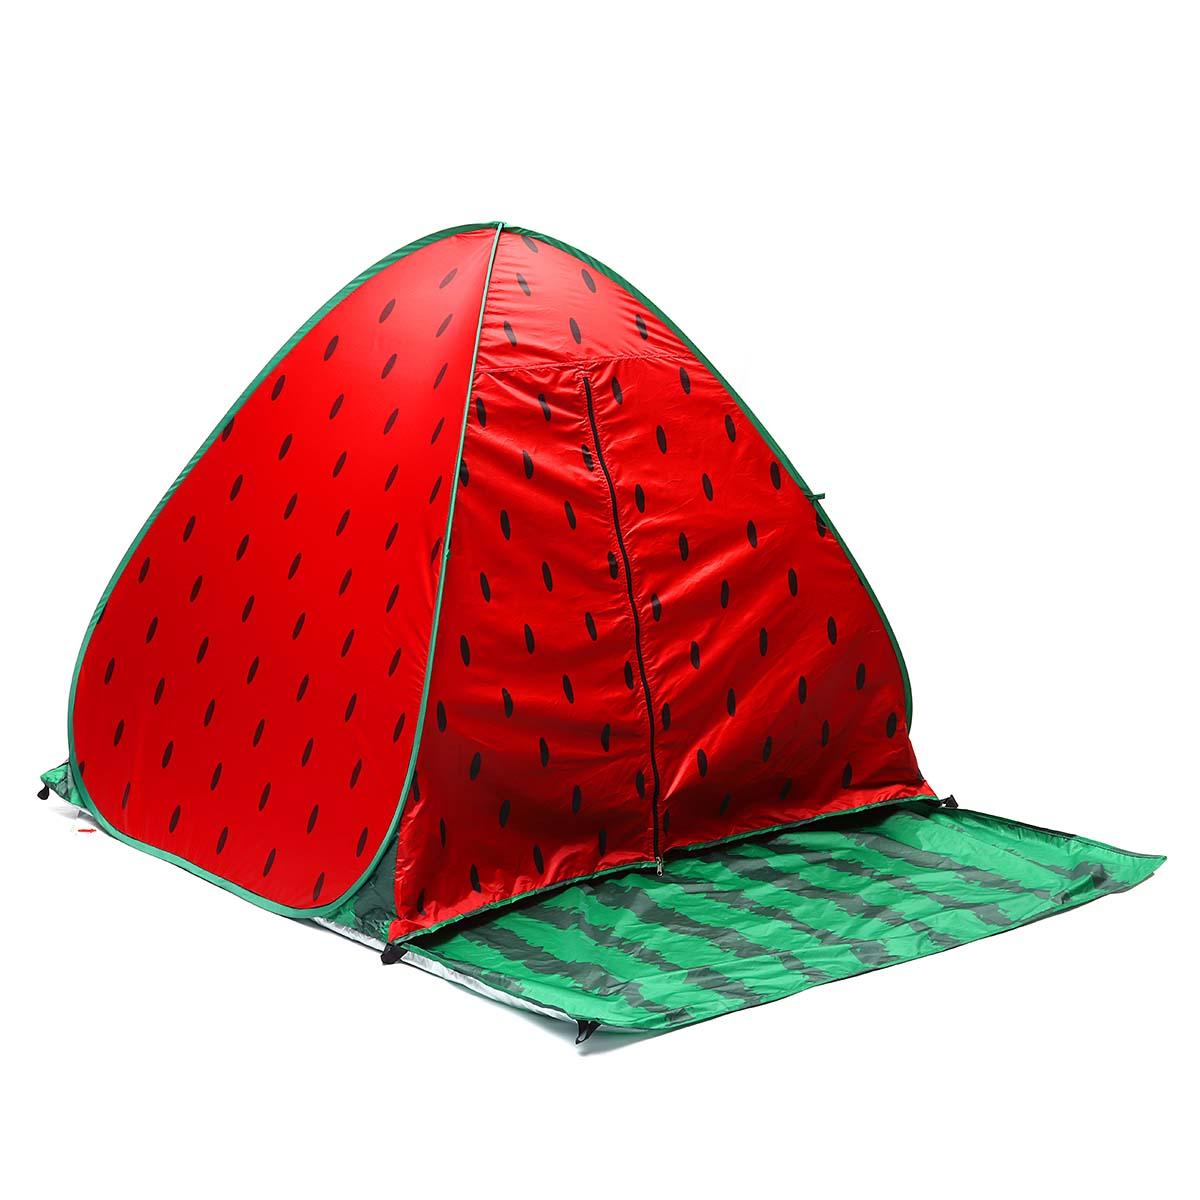 НаоткрытомвоздухеКемпинг2-3человека Автоматическая палатка Pop Up Водонепроницаемы UV Доказательство Пляжный Приют для зонтика